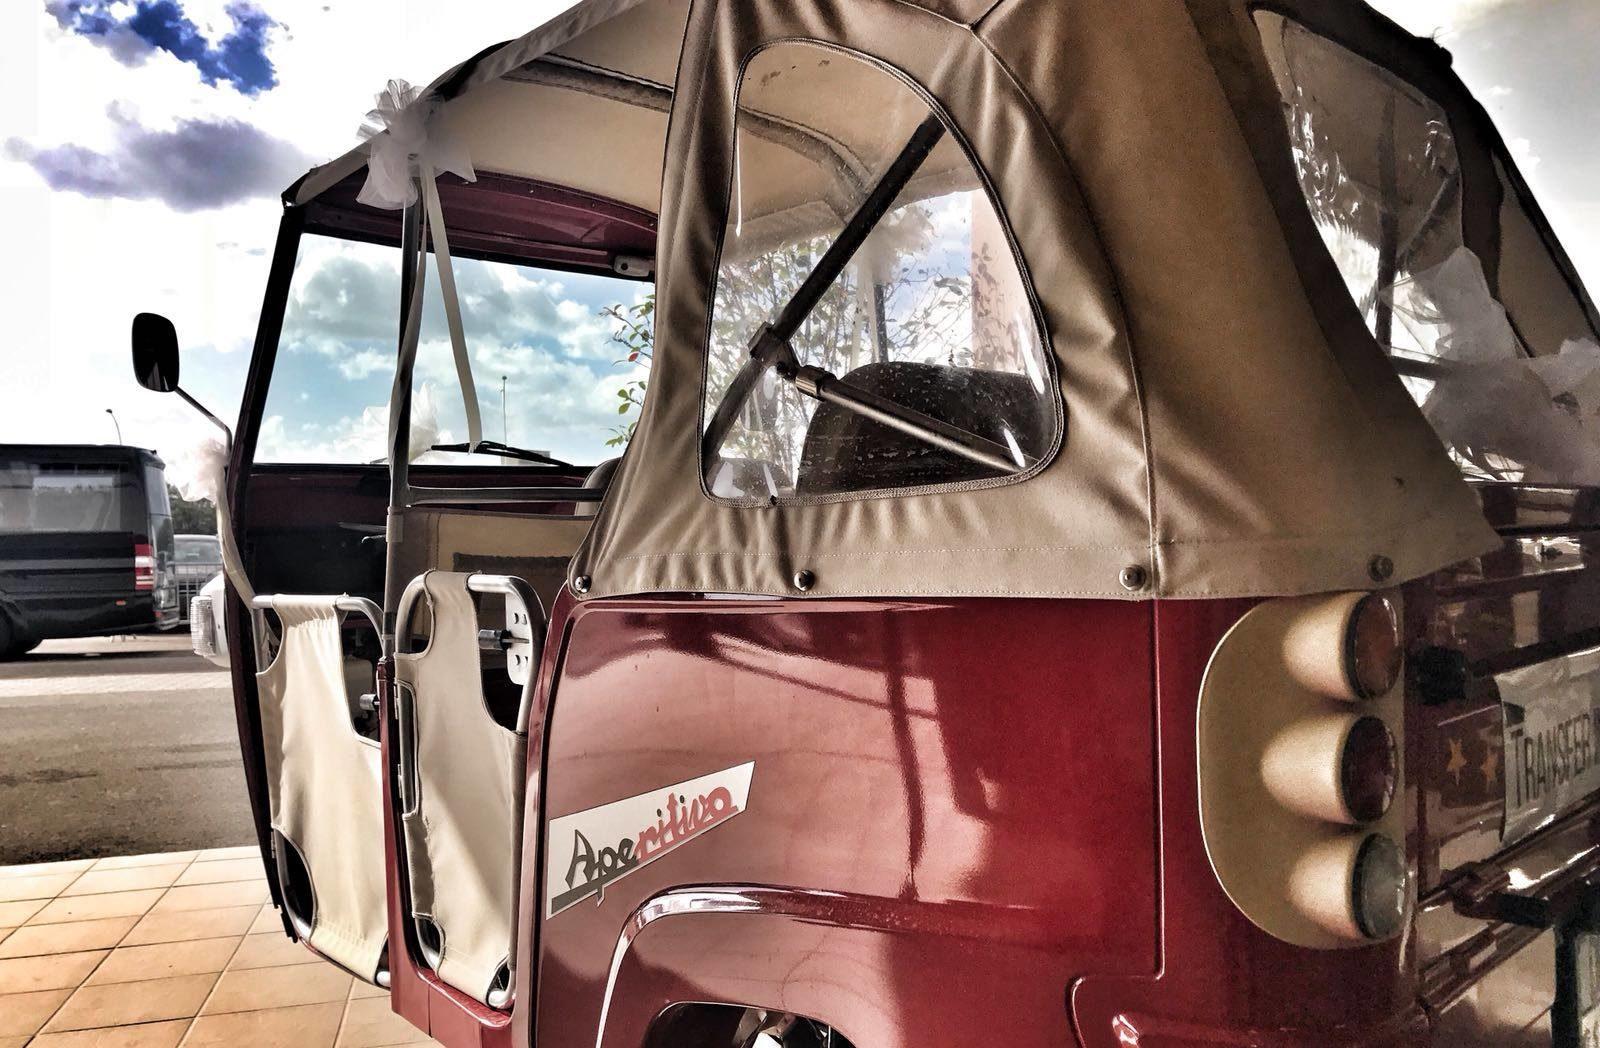 Tuktuk Sardinia Tour Experience Cagliari